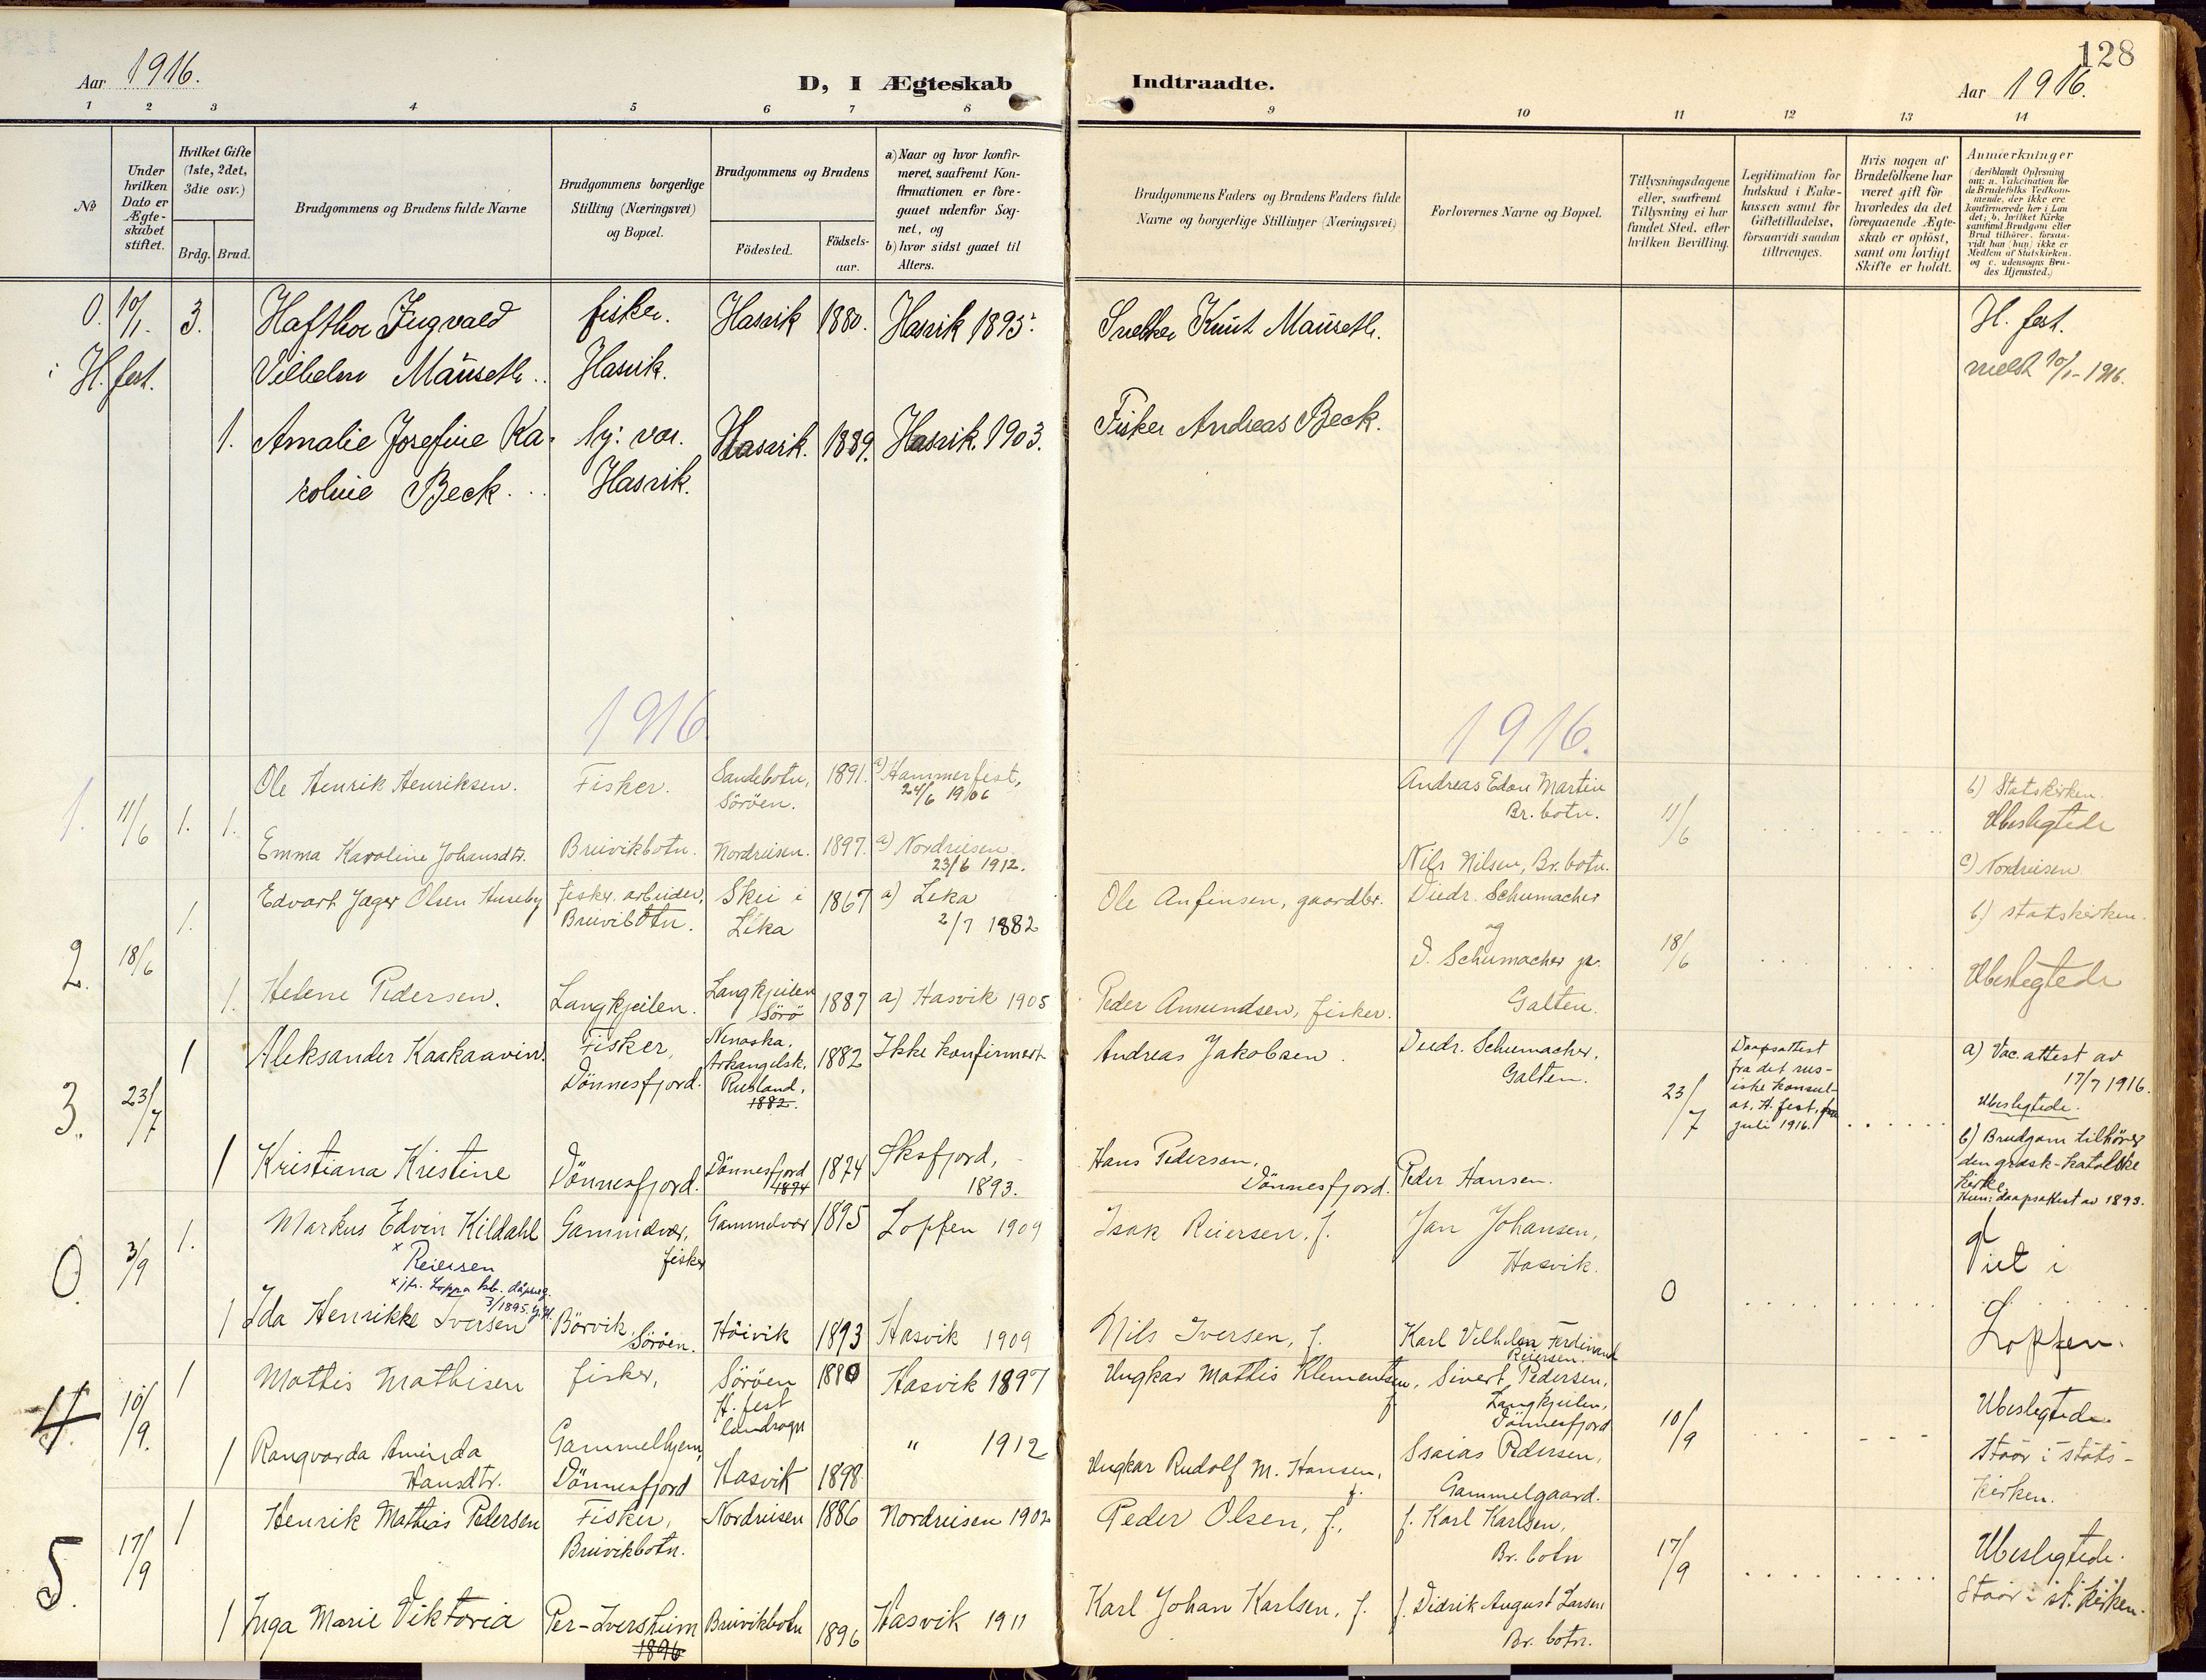 SATØ, Loppa sokneprestkontor, H/Ha/L0010kirke: Ministerialbok nr. 10, 1907-1922, s. 128